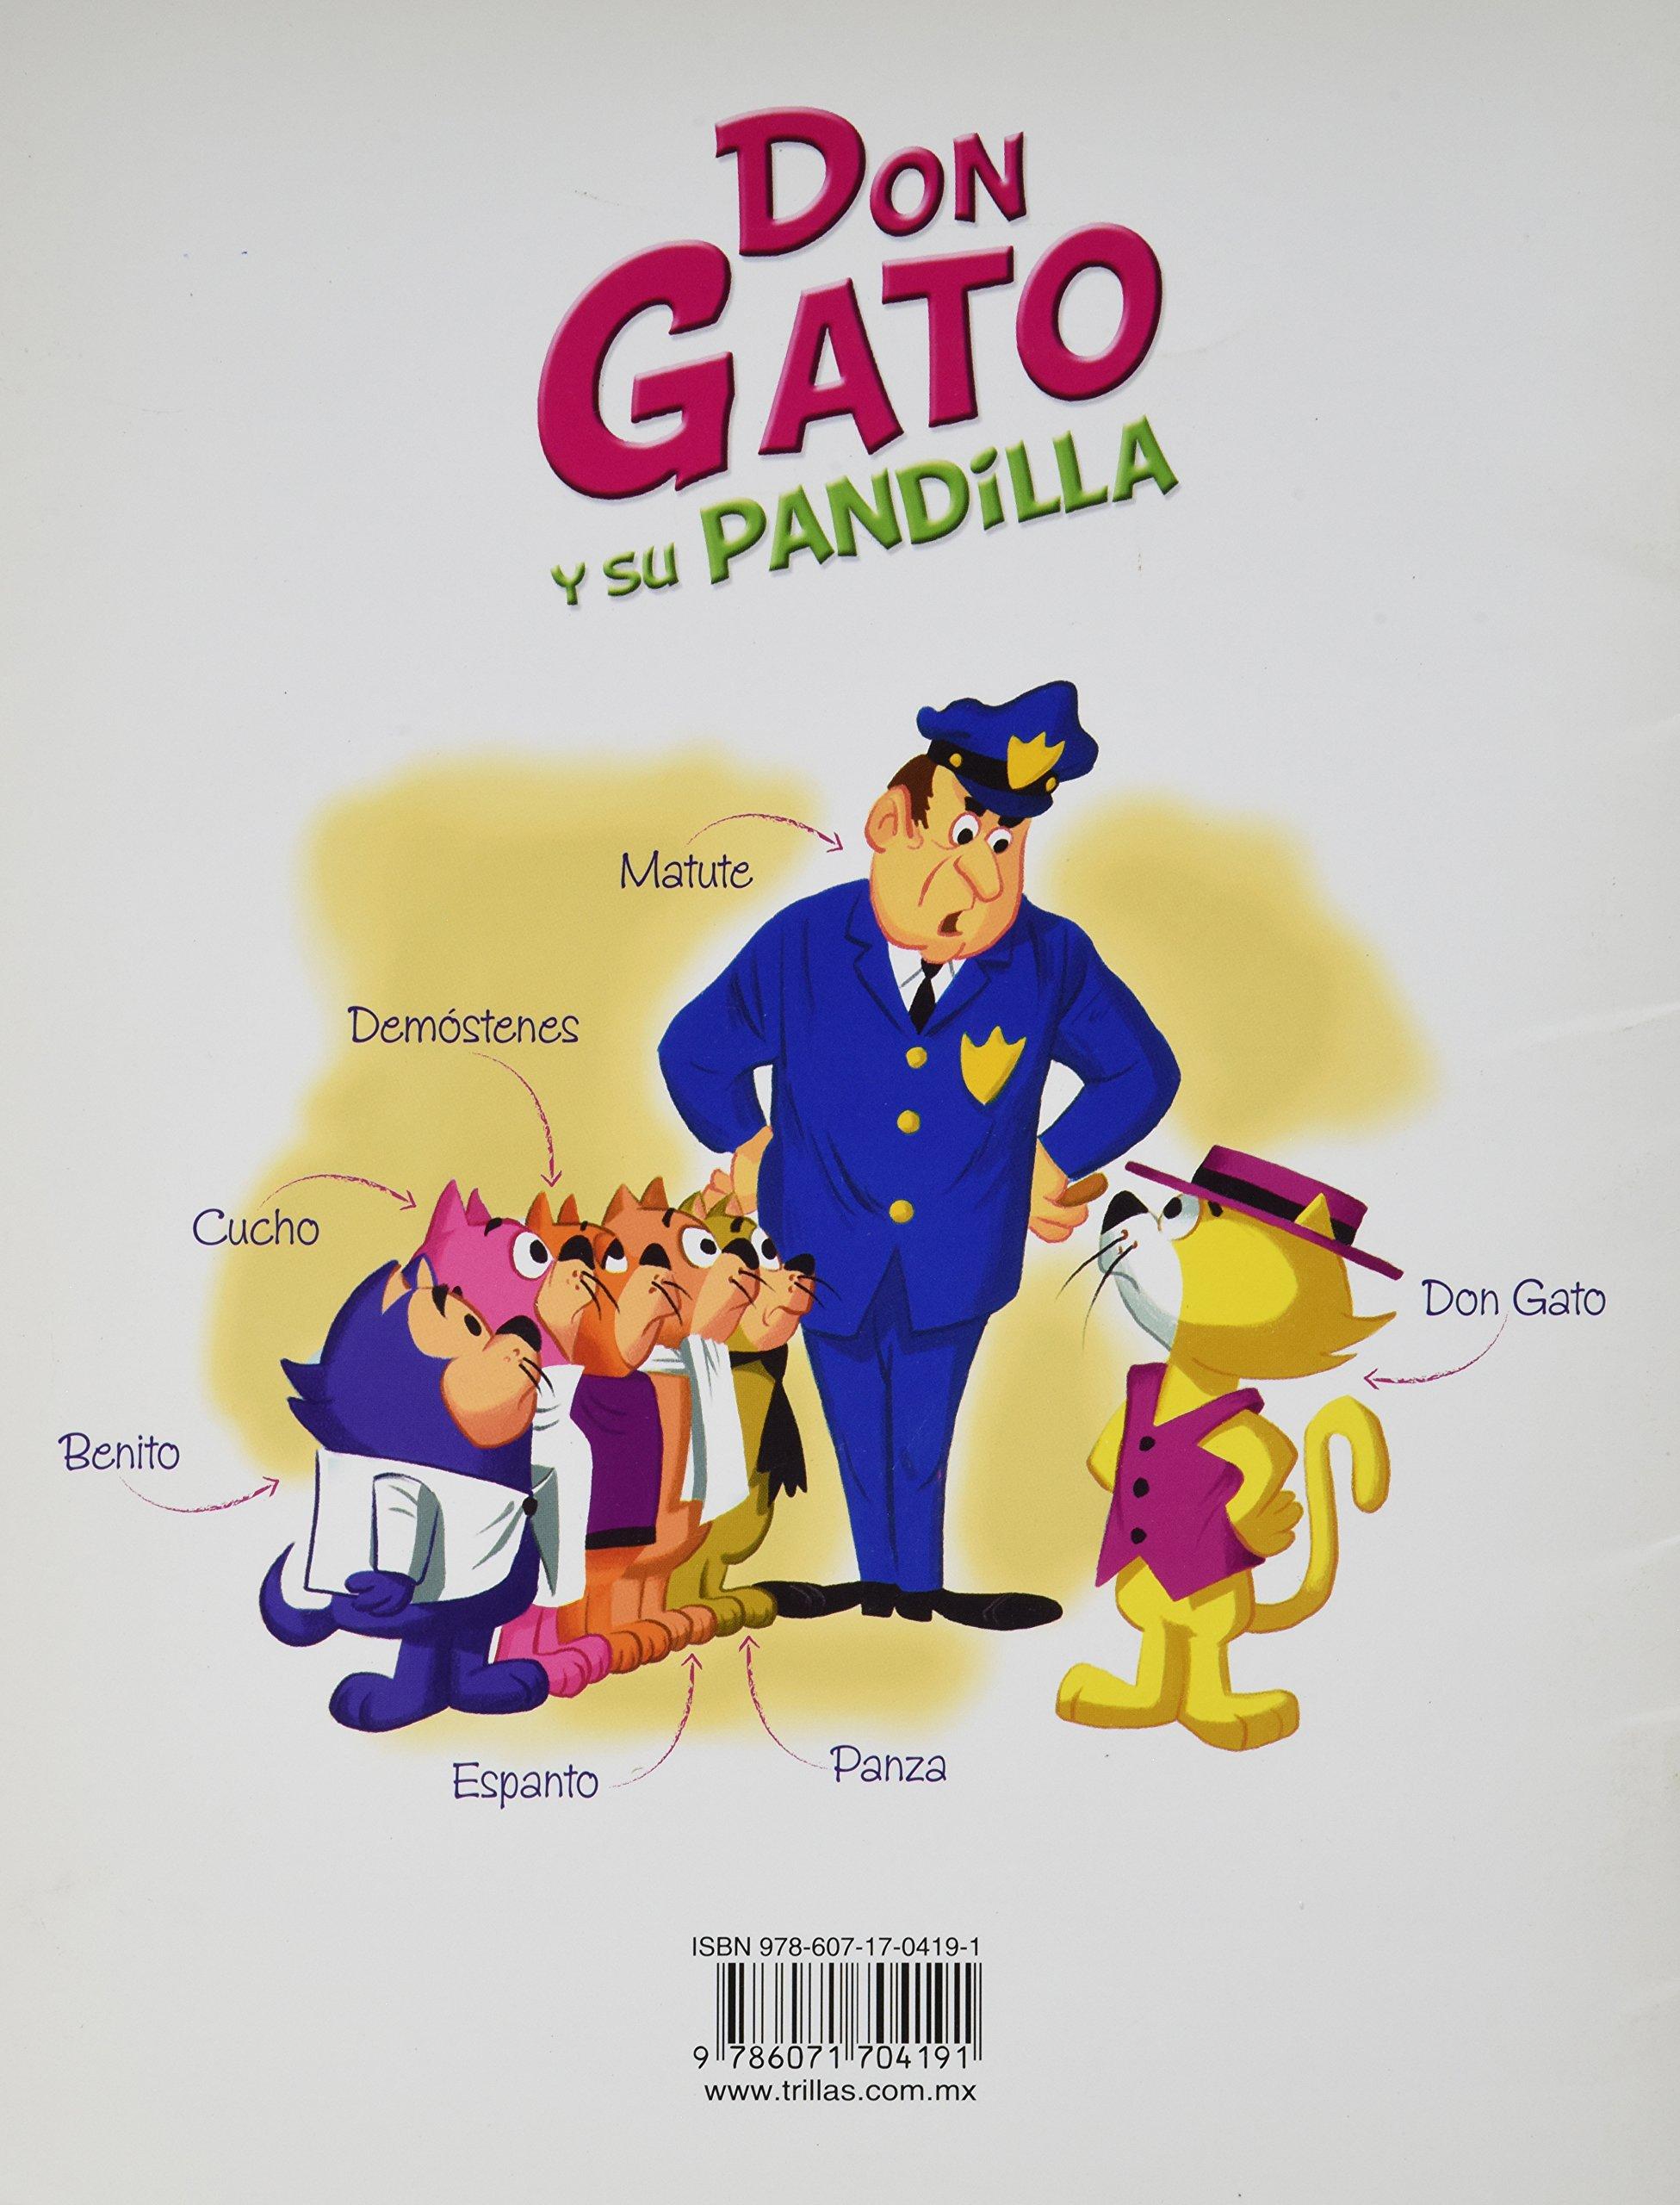 Don gato y su pandilla / The Cat and his friends (Spanish Edition): Carl Memling: 9786071704191: Amazon.com: Books